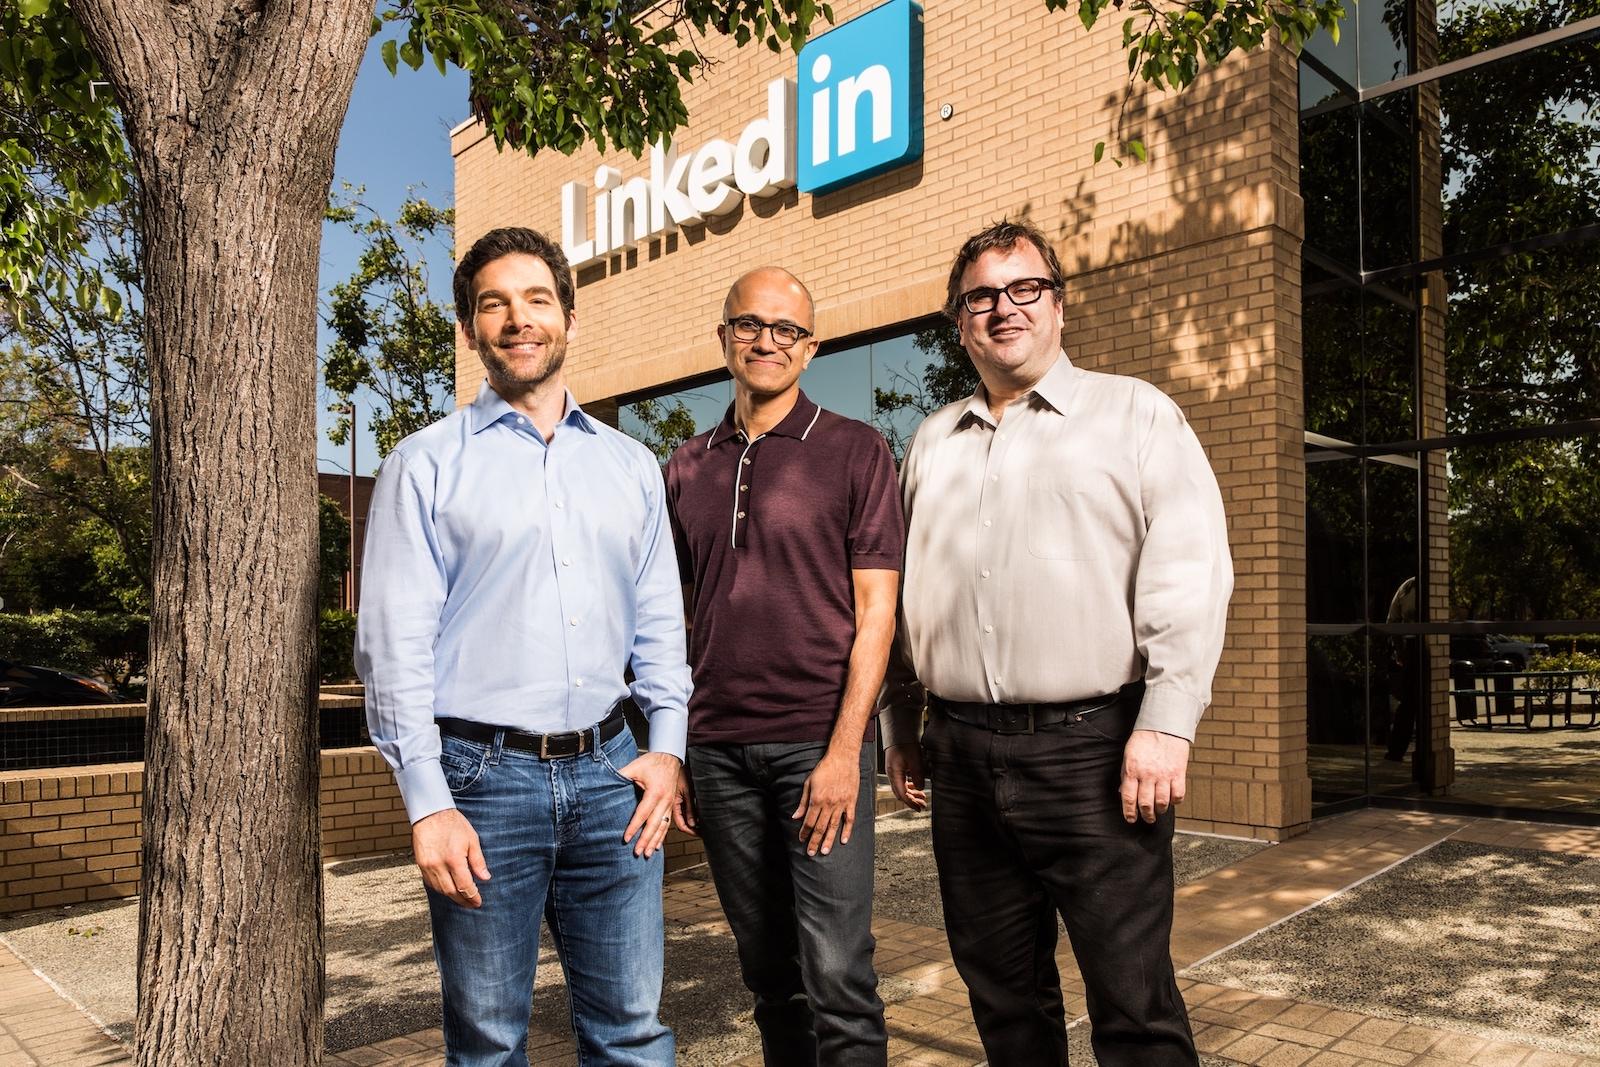 Akvizice LinkedInu byla největším nákupem Microsoftu v historii